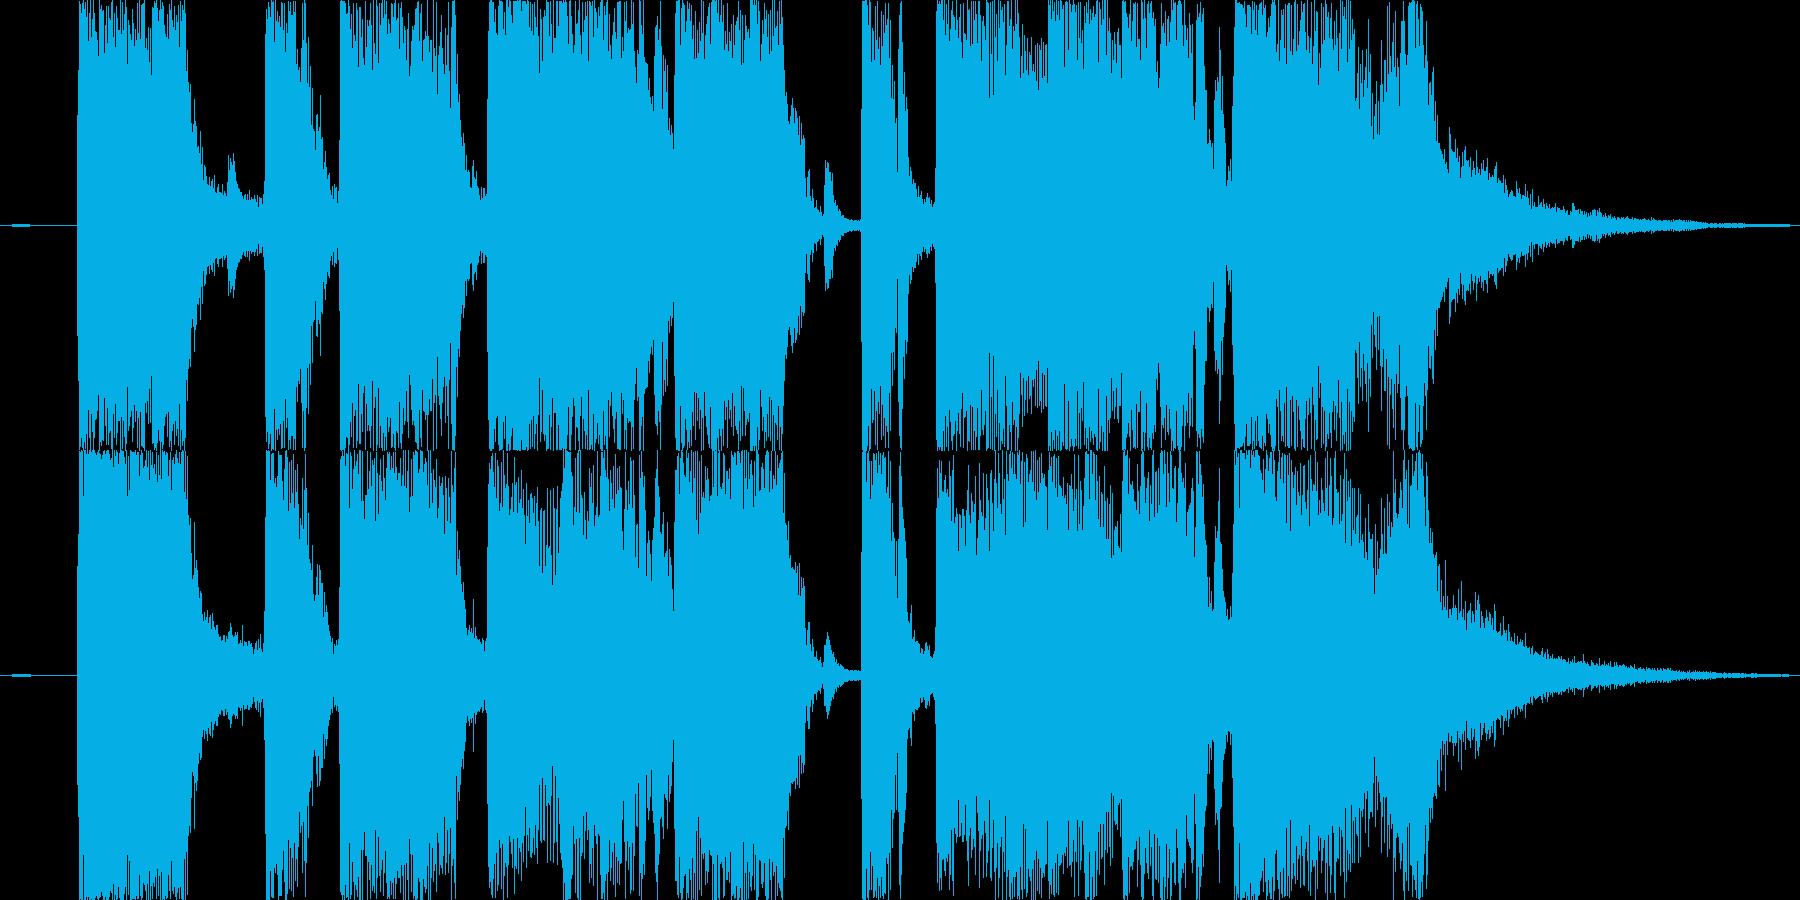 【ショート】お笑いライブの出ばやしなど…の再生済みの波形